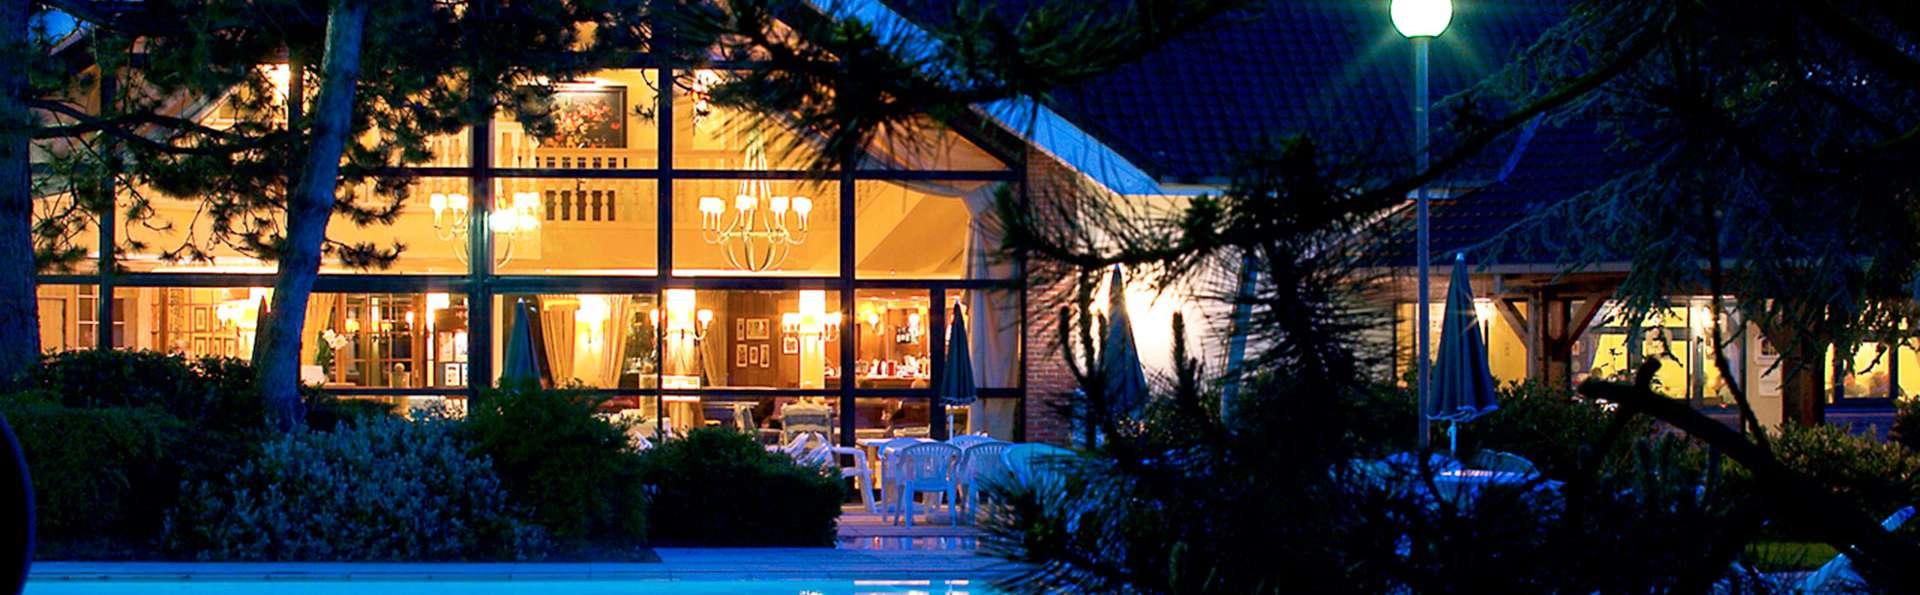 Week-end détente à L'hôtel du Parc Hardelot